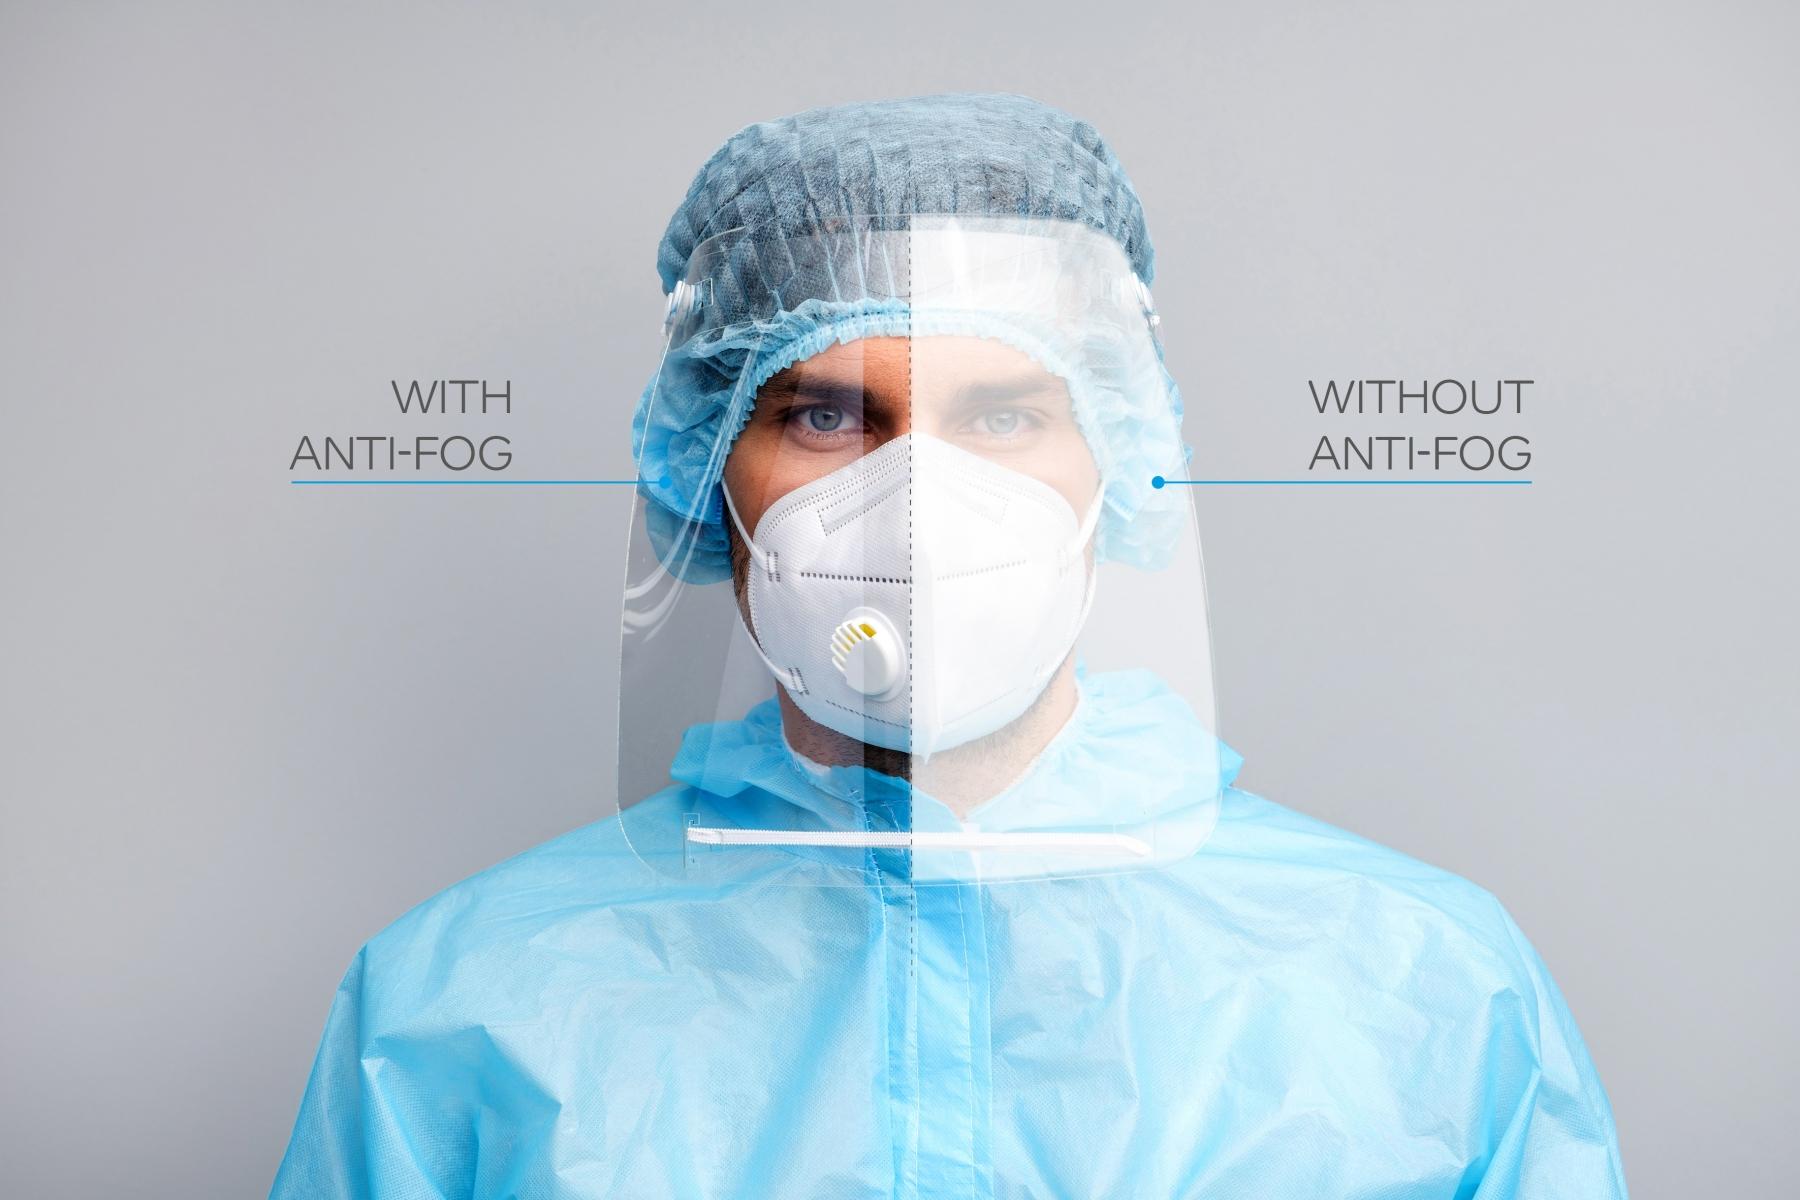 LEXAN Polycarbonate HP92AF Anti-Fog Film - Medical - Male - High Resolution